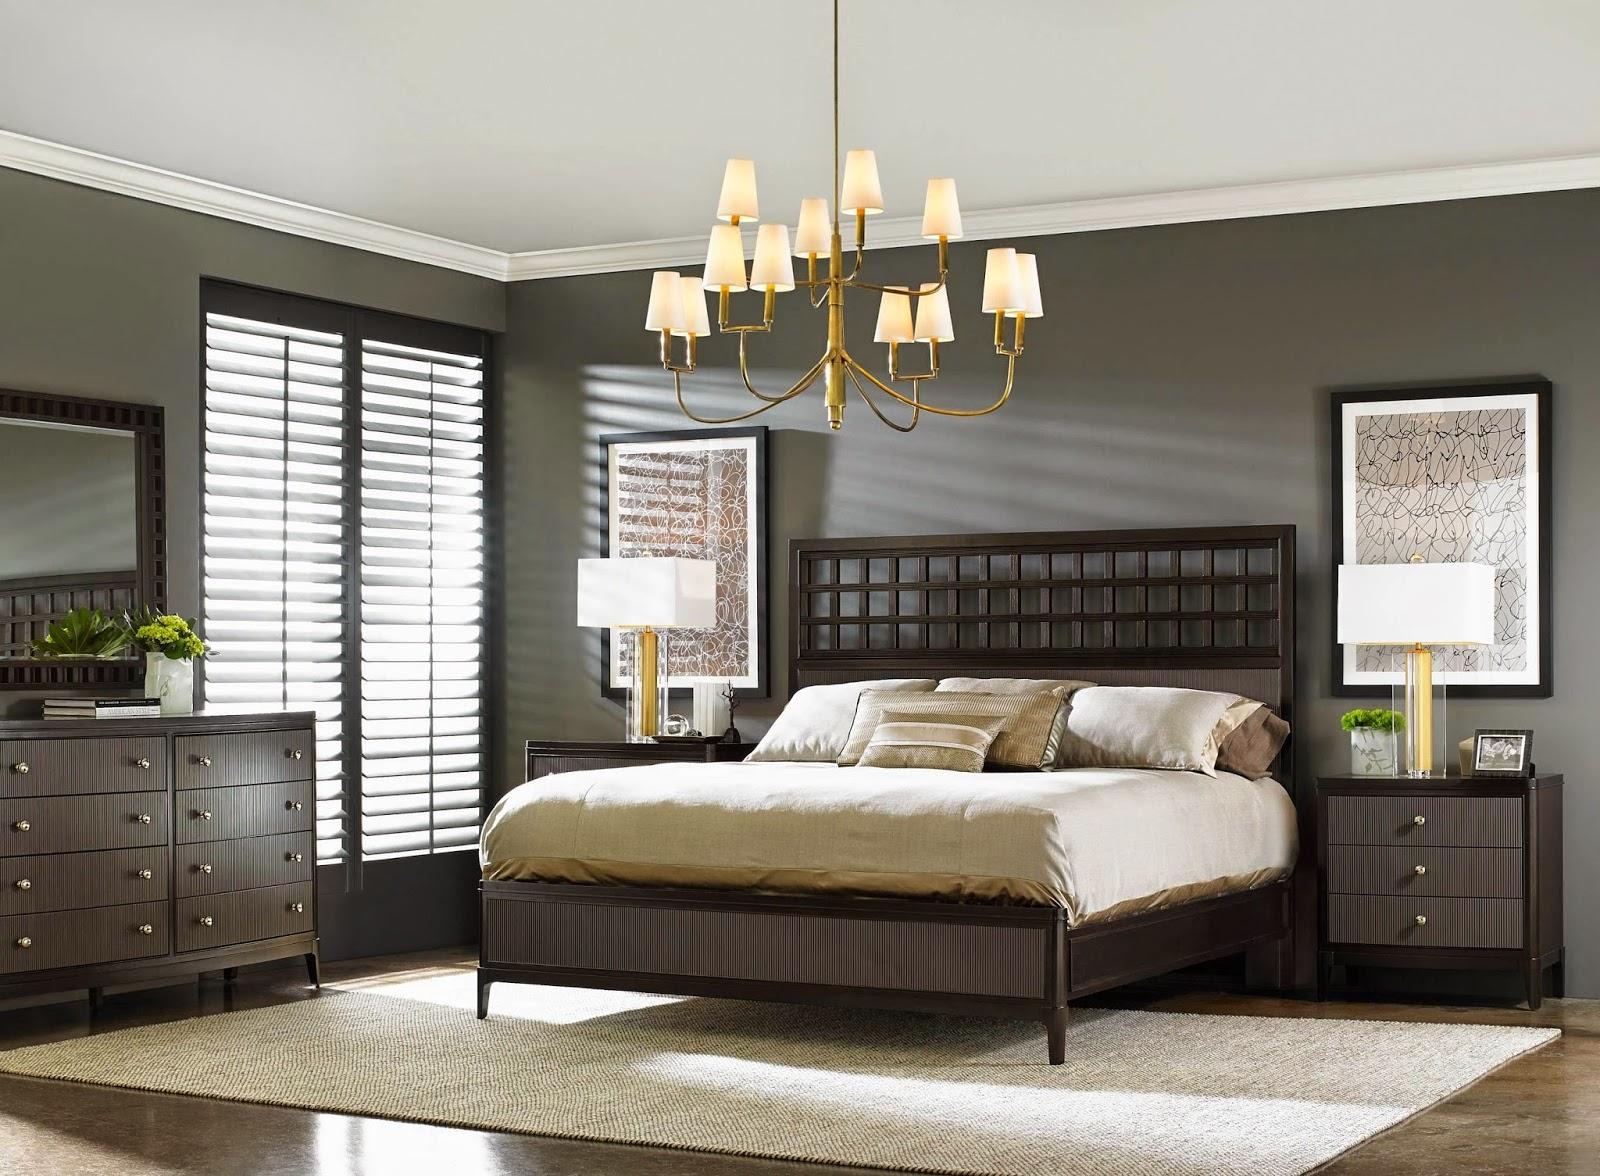 светлое покрывало на темной кровати в интерьере спальни